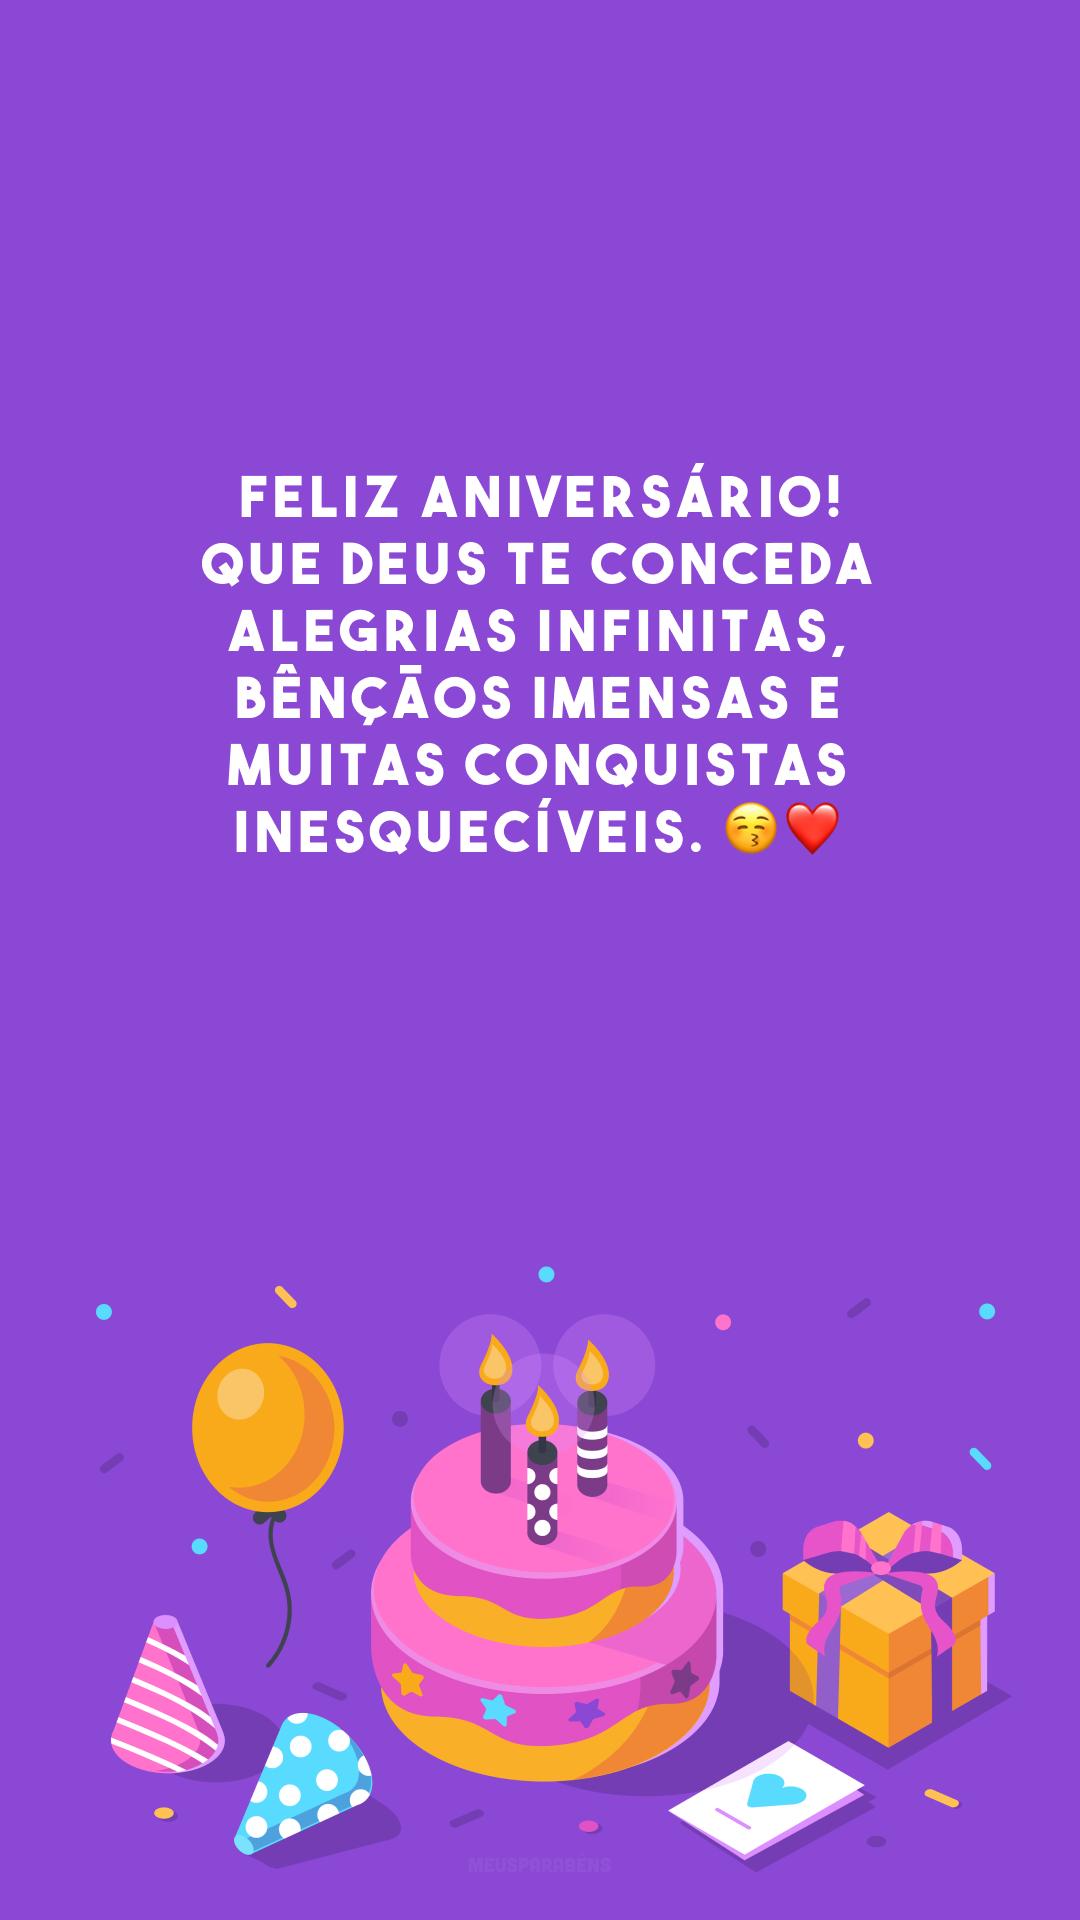 Feliz aniversário! Que Deus te conceda alegrias infinitas, bênçãos imensas e muitas conquistas inesquecíveis. 😚❤️